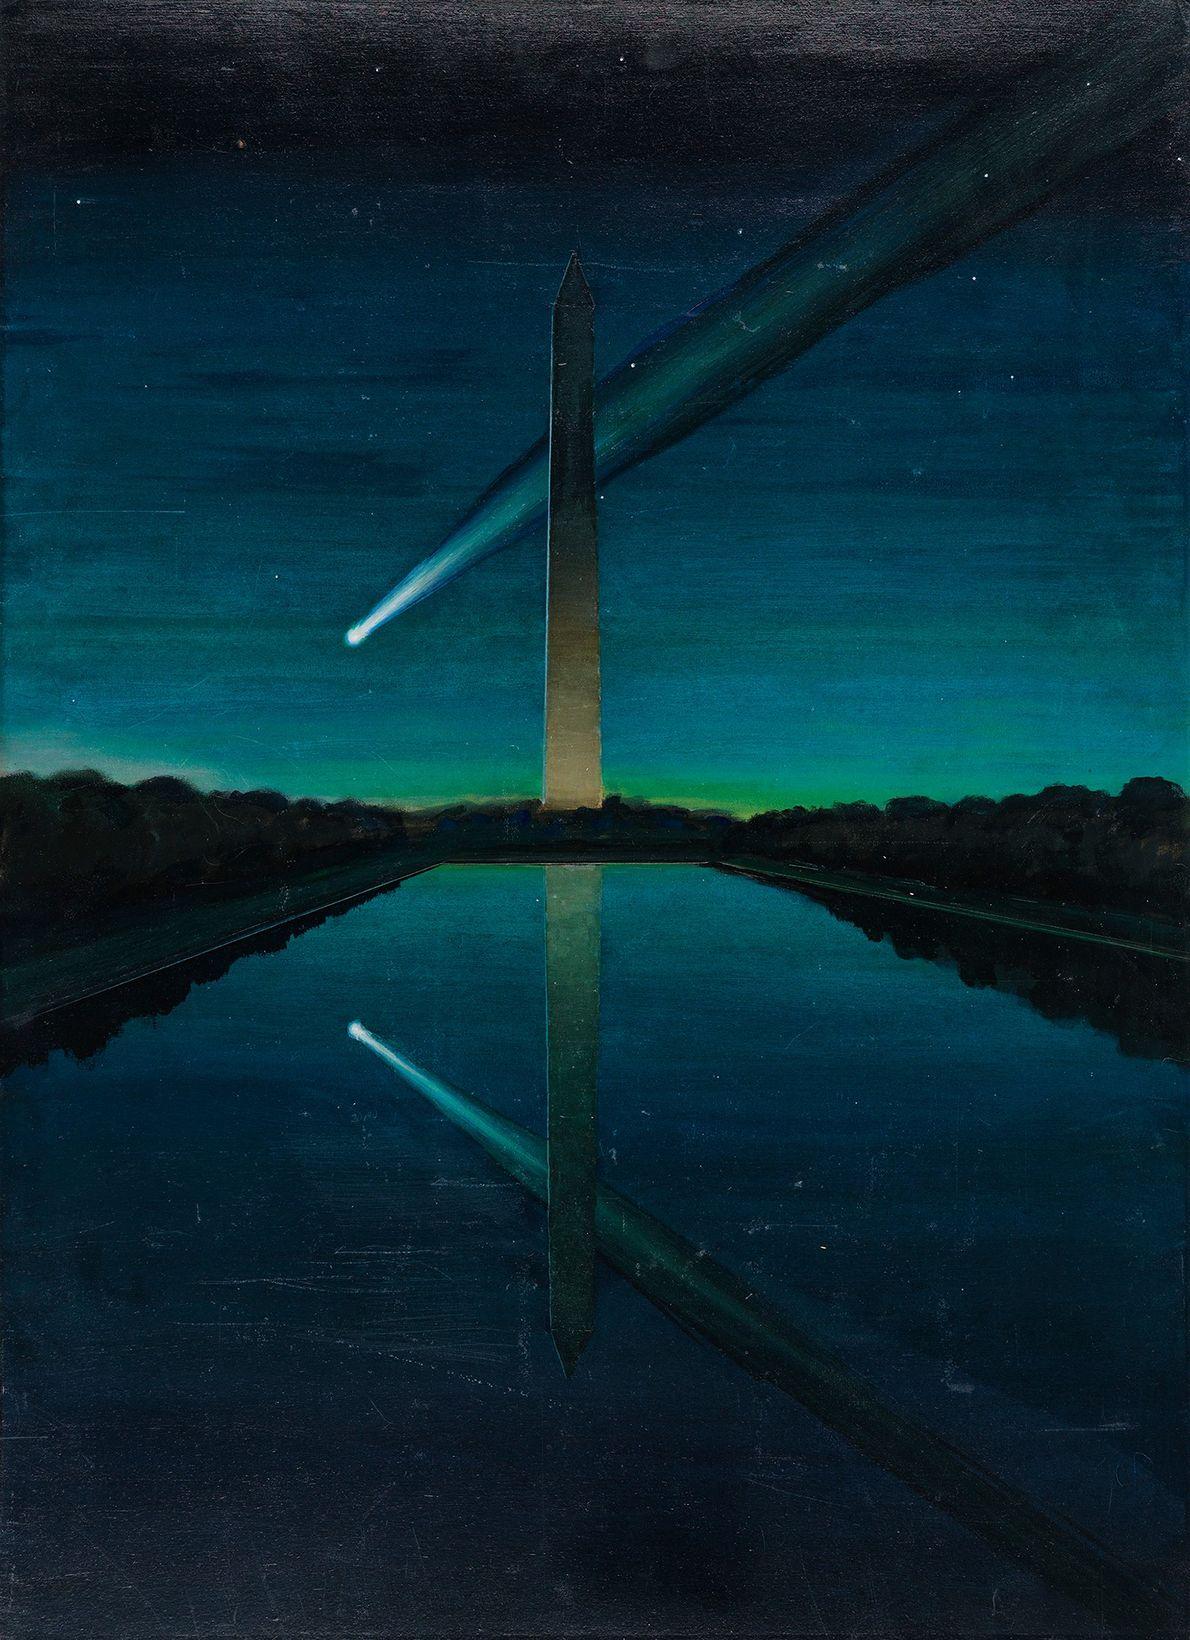 Une comète à la queue spectaculaire semble glisser devant le Washington Monument dans la capitale états-unienne ...